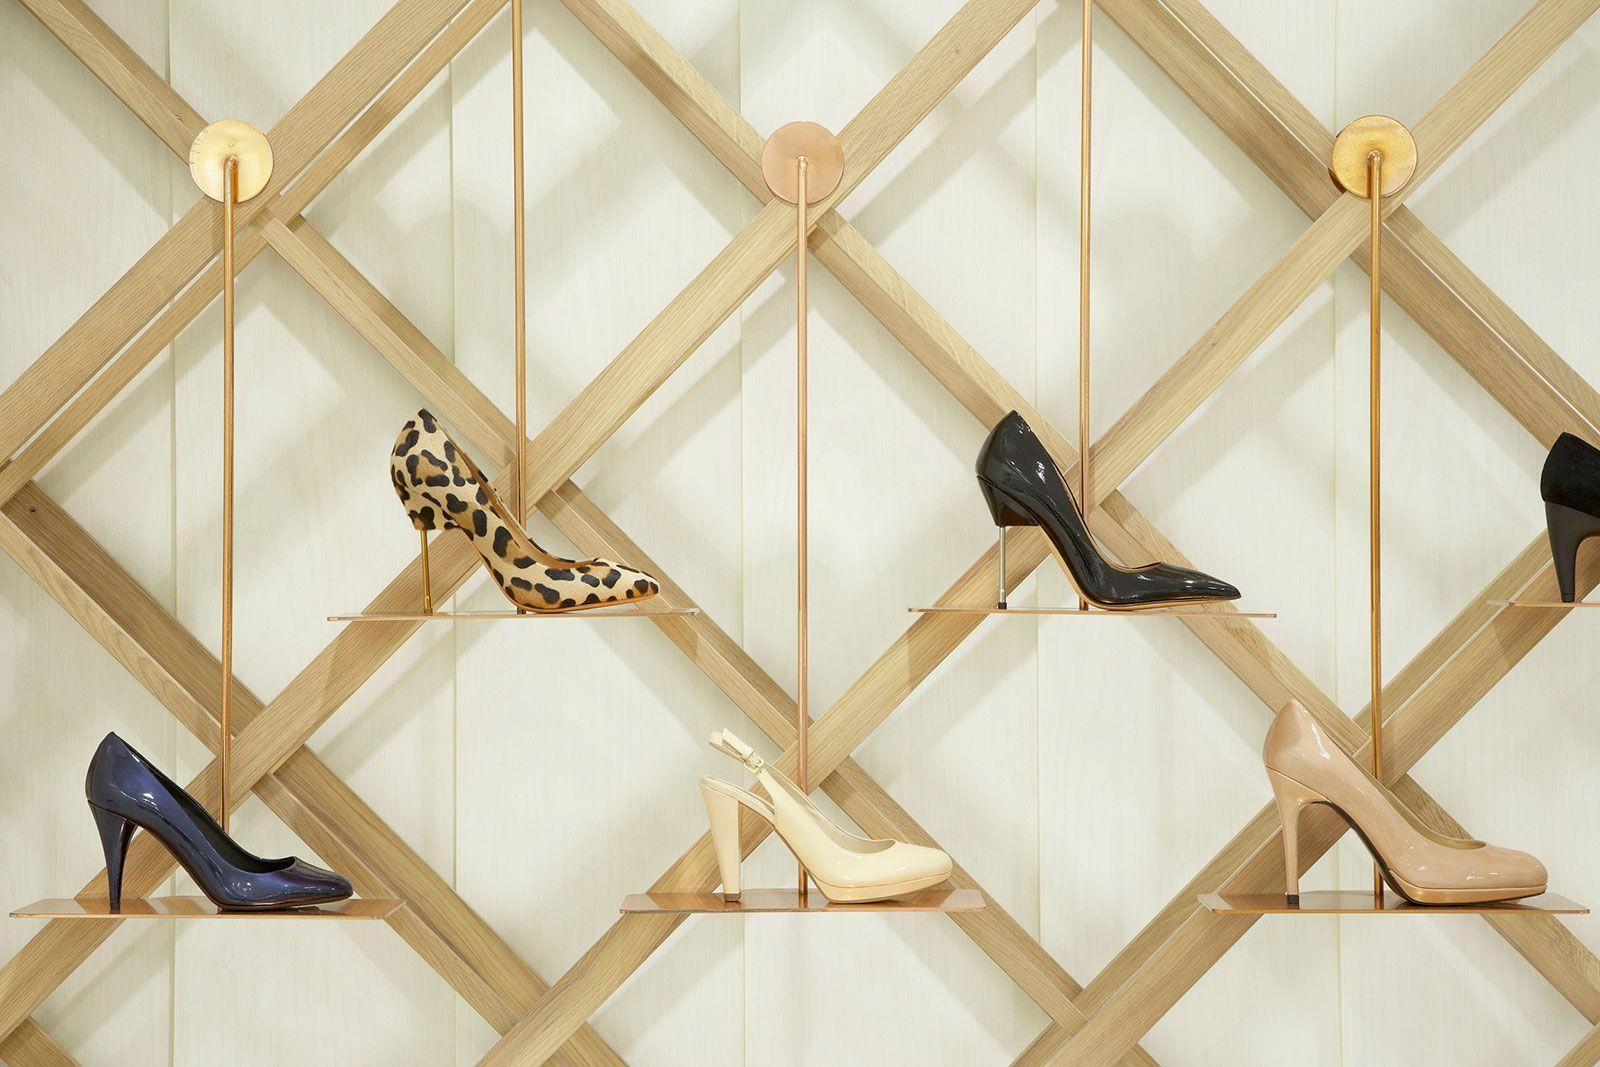 Arnotts Shoe Garden Shed Interior Architecture Design Diseno De Tienda De Zapatos Tienda De Zapatos Diseno De Tienda